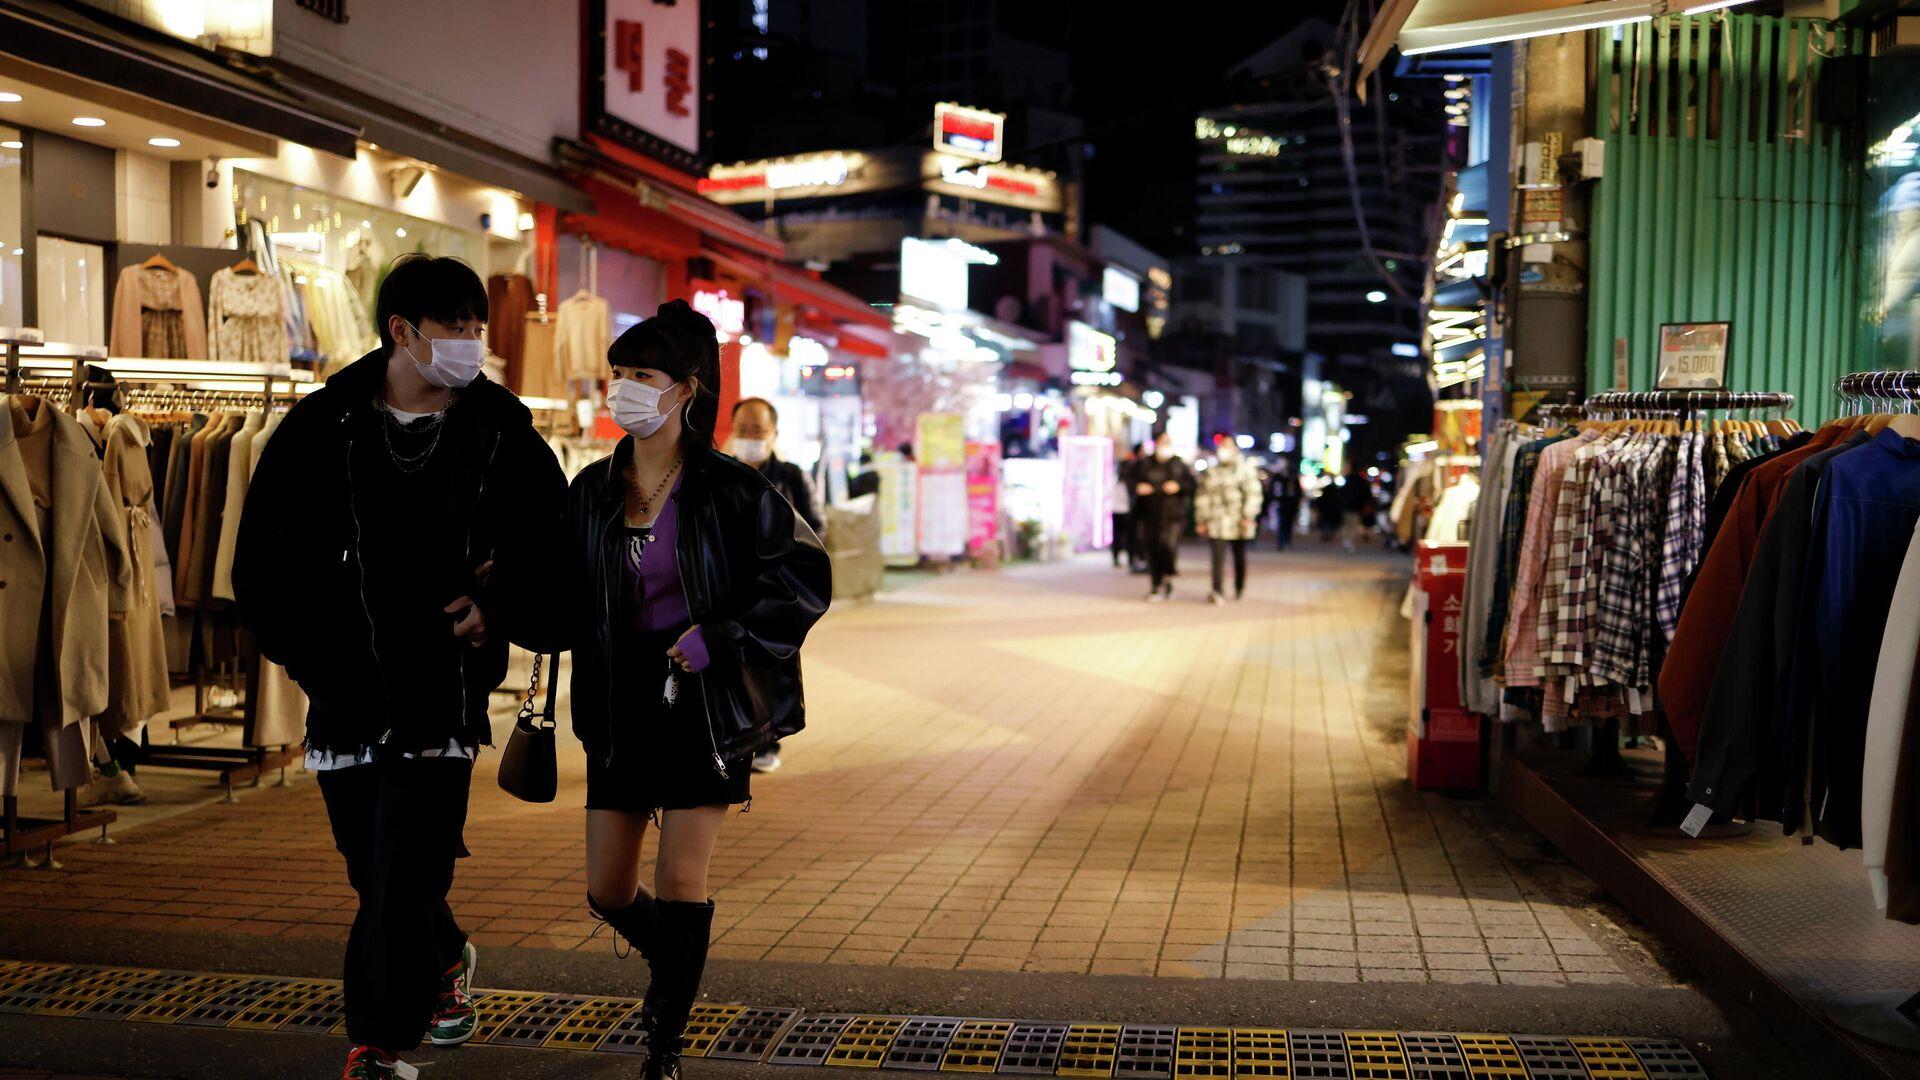 Прохожие на опустевшей торговой улице в Сеуле, Южная Корея  - РИА Новости, 1920, 12.12.2020